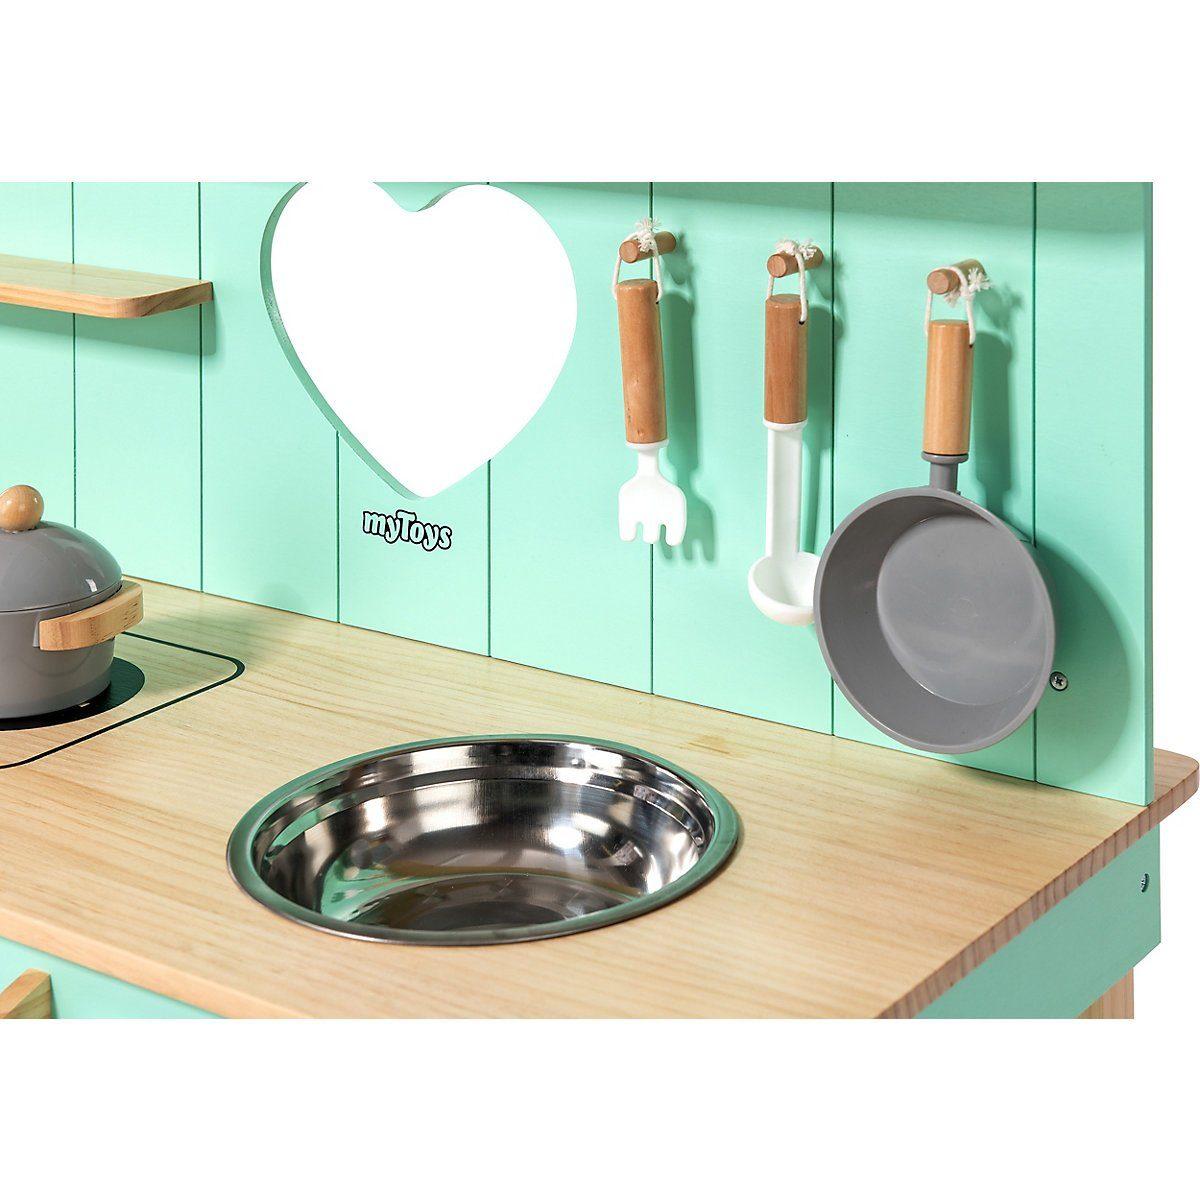 Spielküche MYTOYS MATSCHKÜCHE, In- und Outdoor Holz von MYTOYS - tolle Details